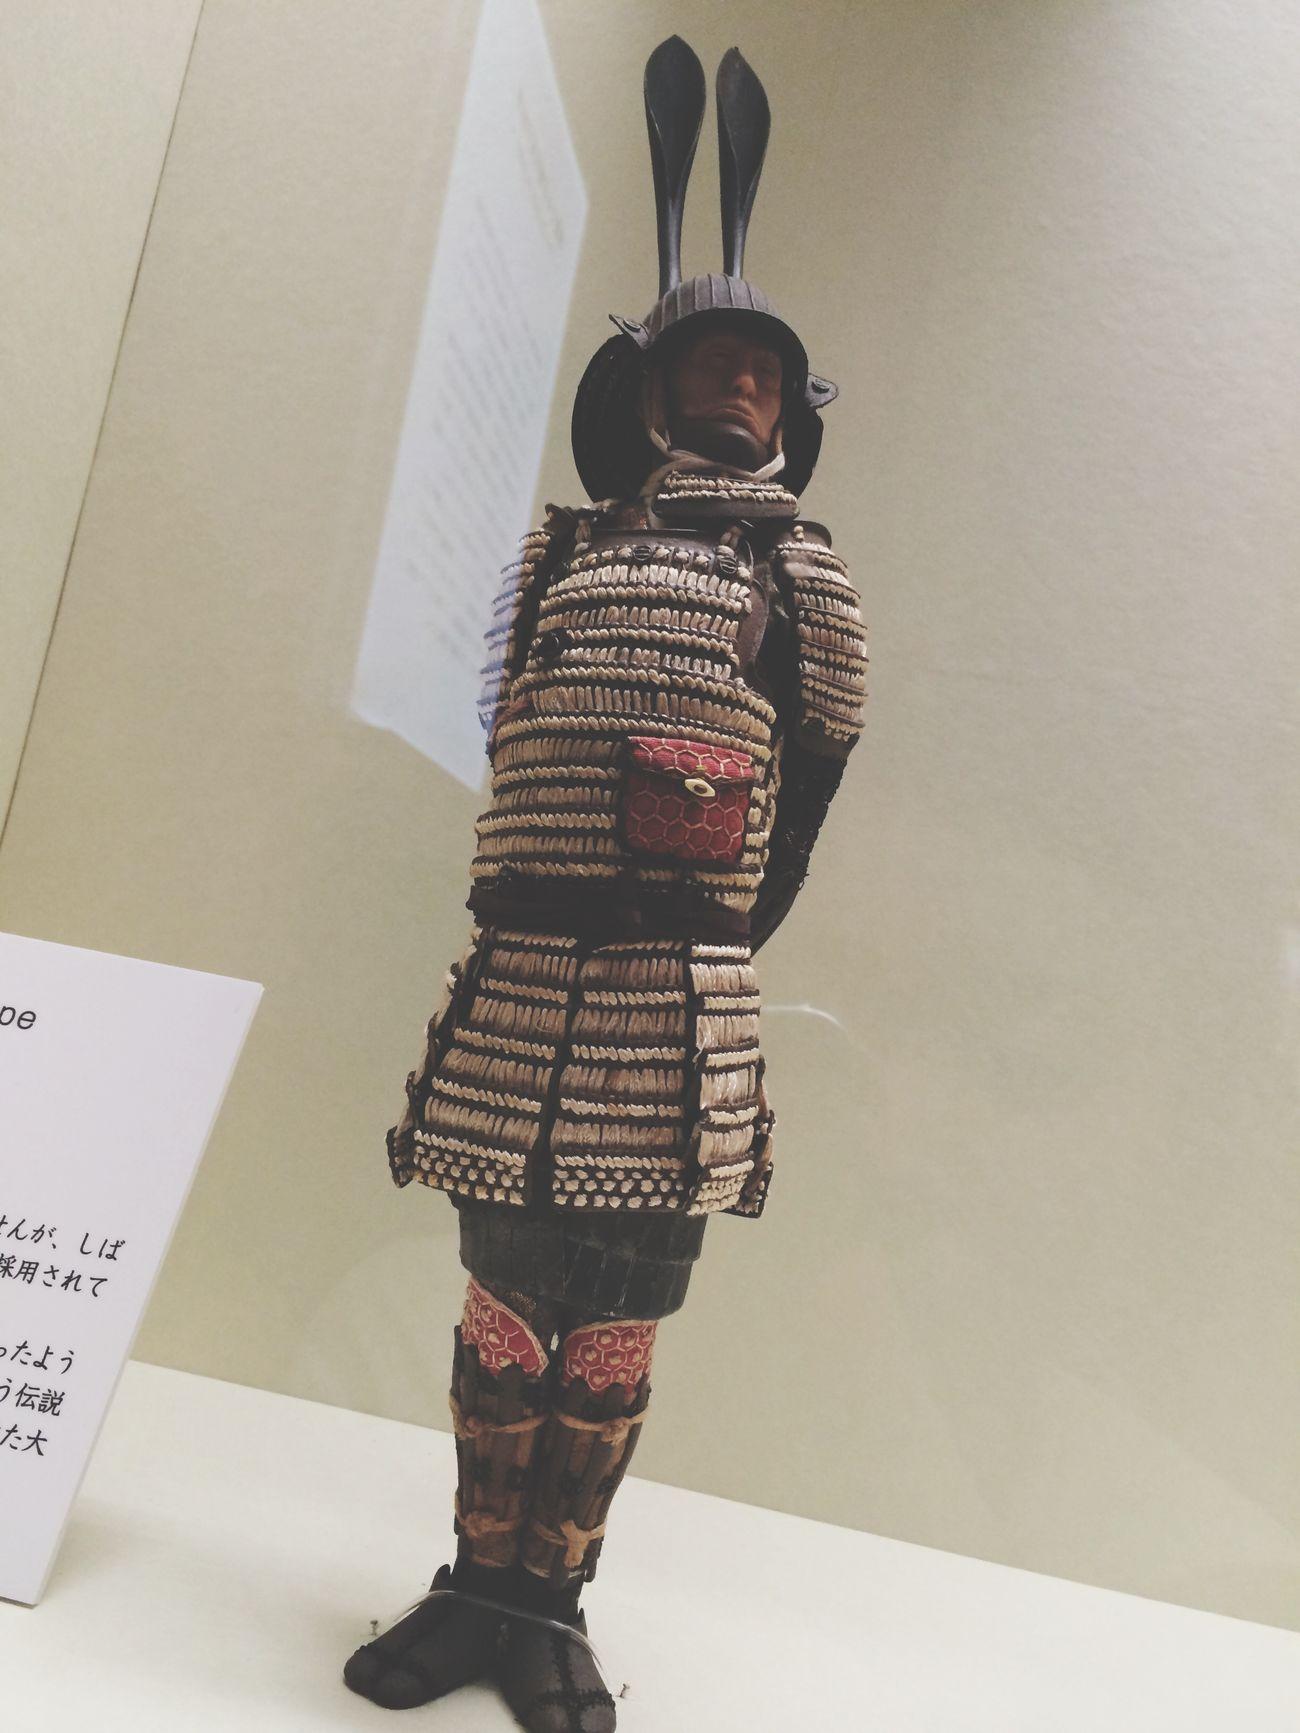 Art Tetsuya Noguchi